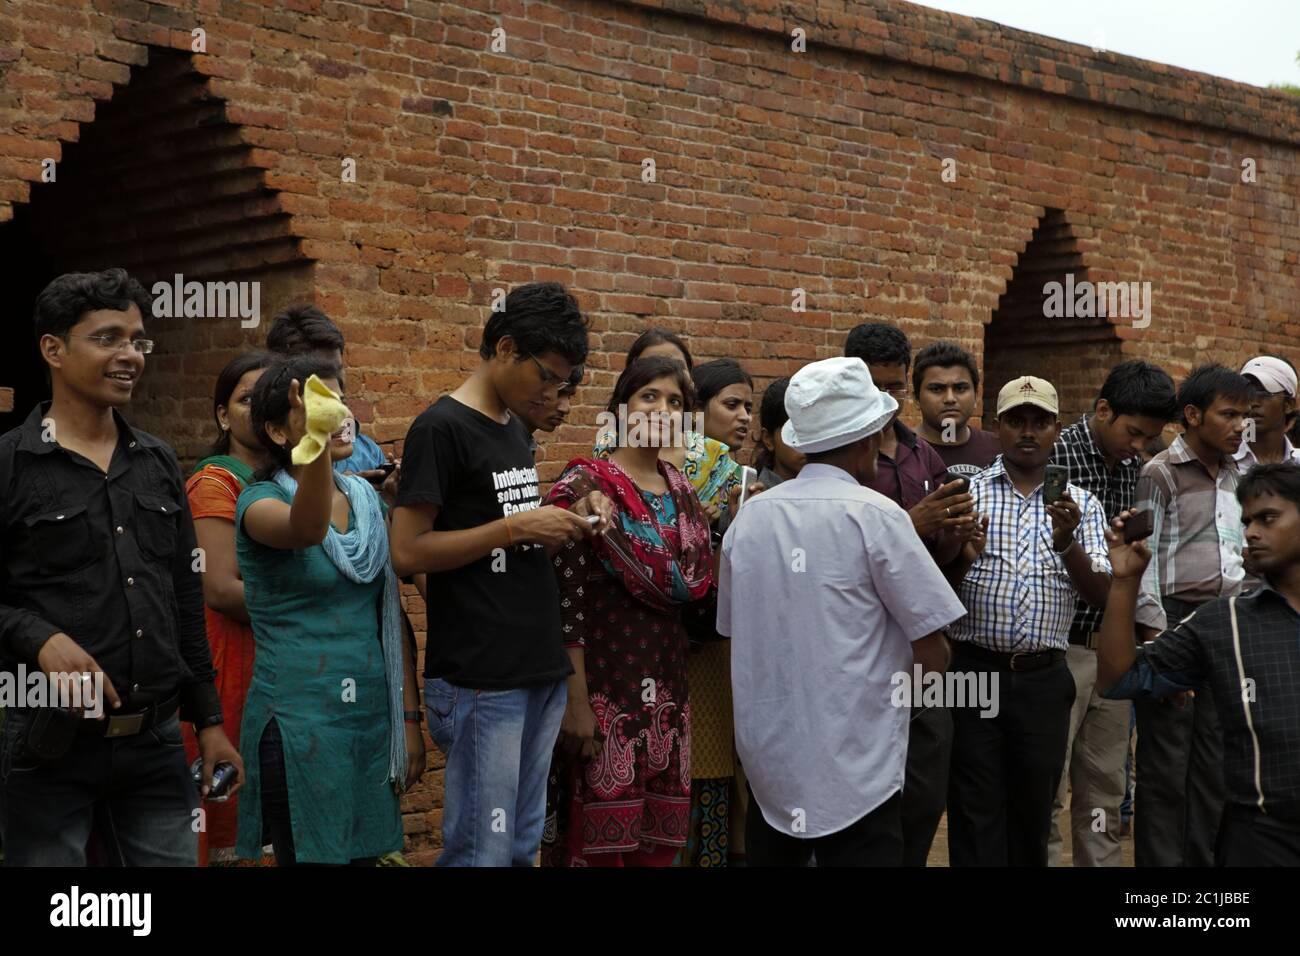 Un grupo de estudiantes universitarios que visitan el antiguo complejo universitario budista de Nalanda en Nalanda, Bihar, India. Foto de stock